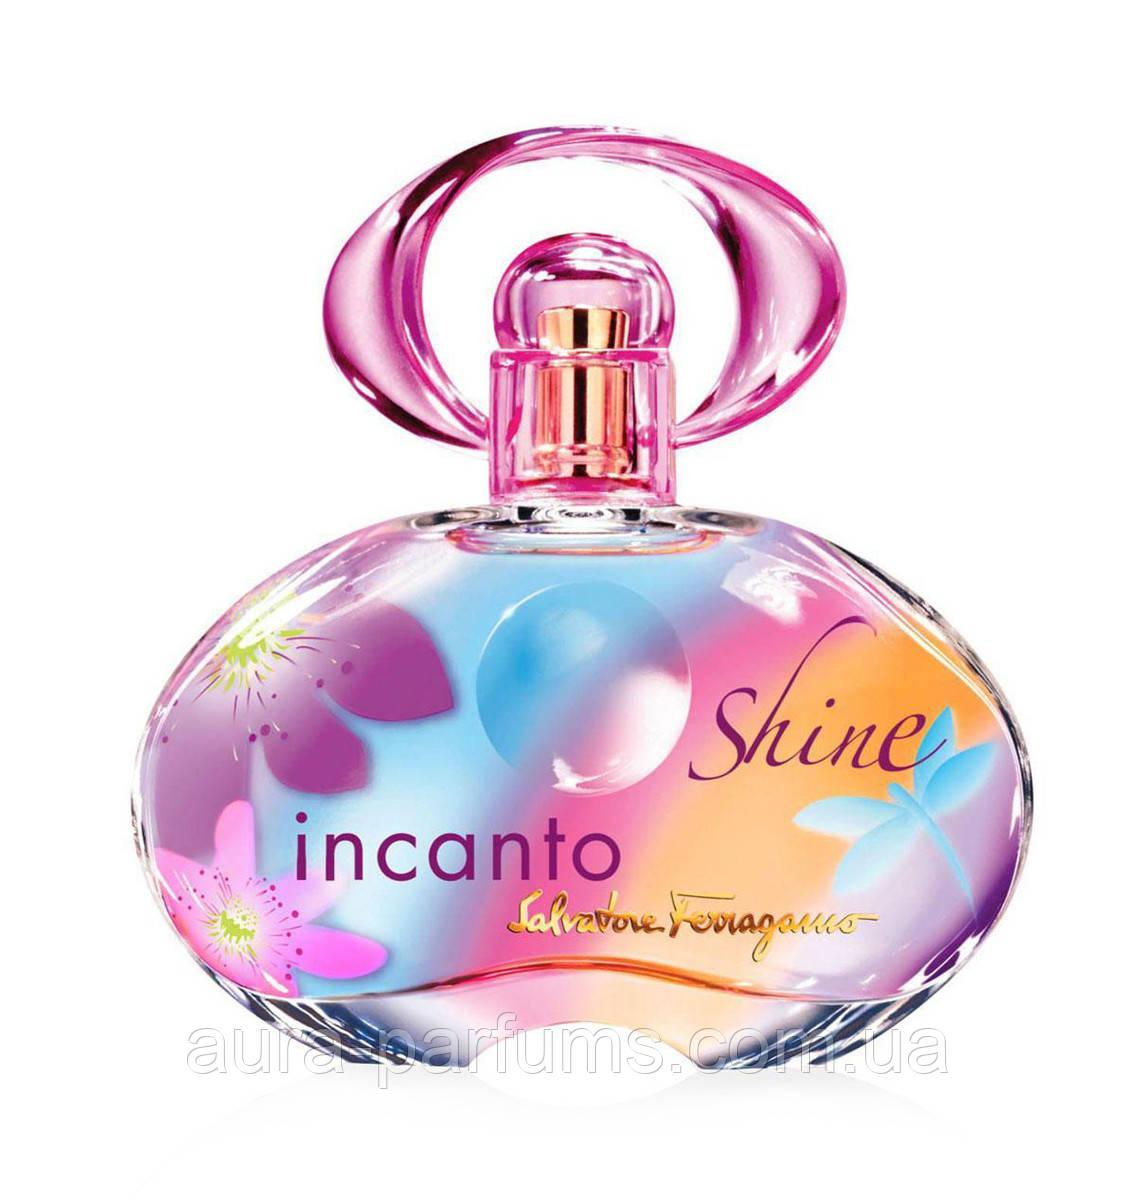 Salvatore Ferragamo Incanto Shine edt 100 ml. женский оригинал Тестер